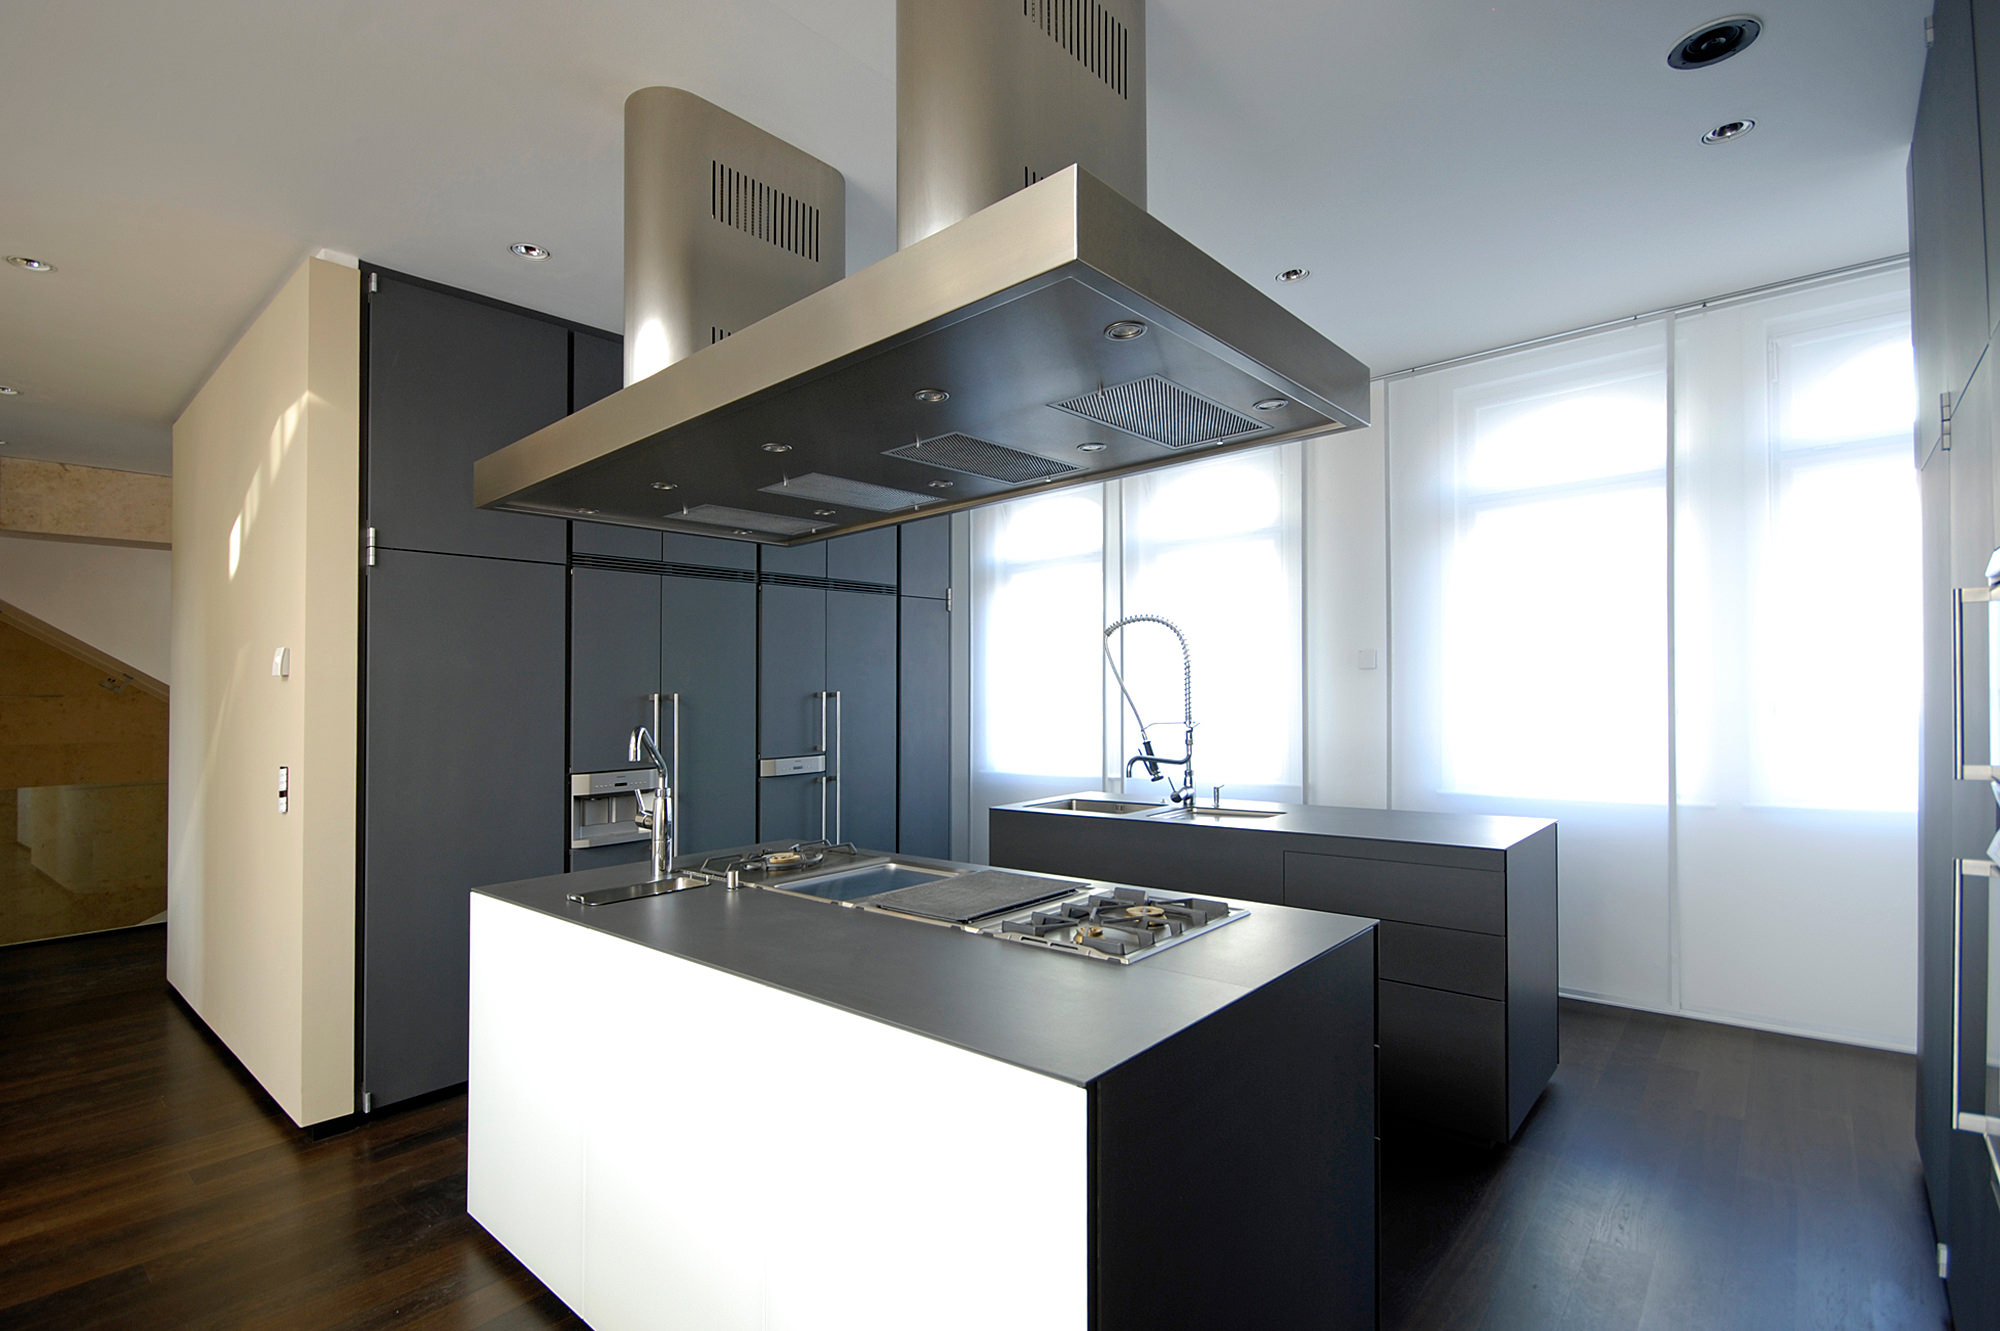 penthouse_wien_1_05_umbau_und_dachausbau_1010_wien_junger_beer_architektur